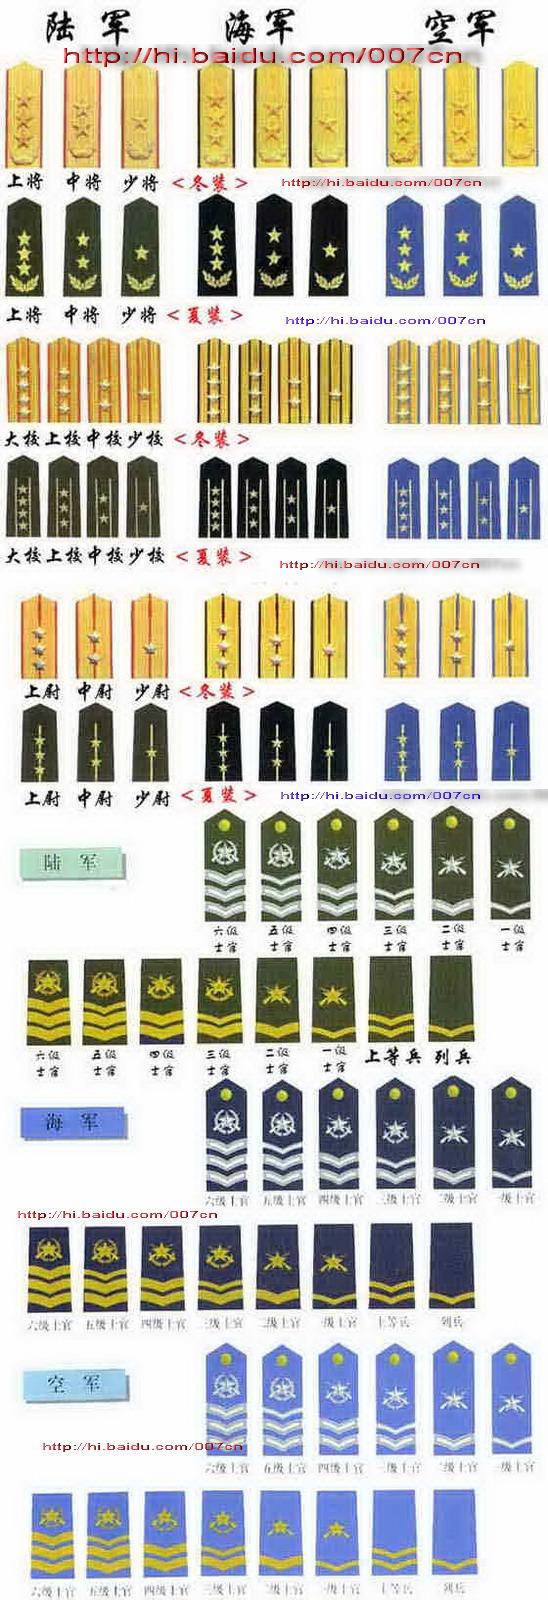 中国人民解放军军衔等级 - 龙哥 - 世界有了我们而精彩